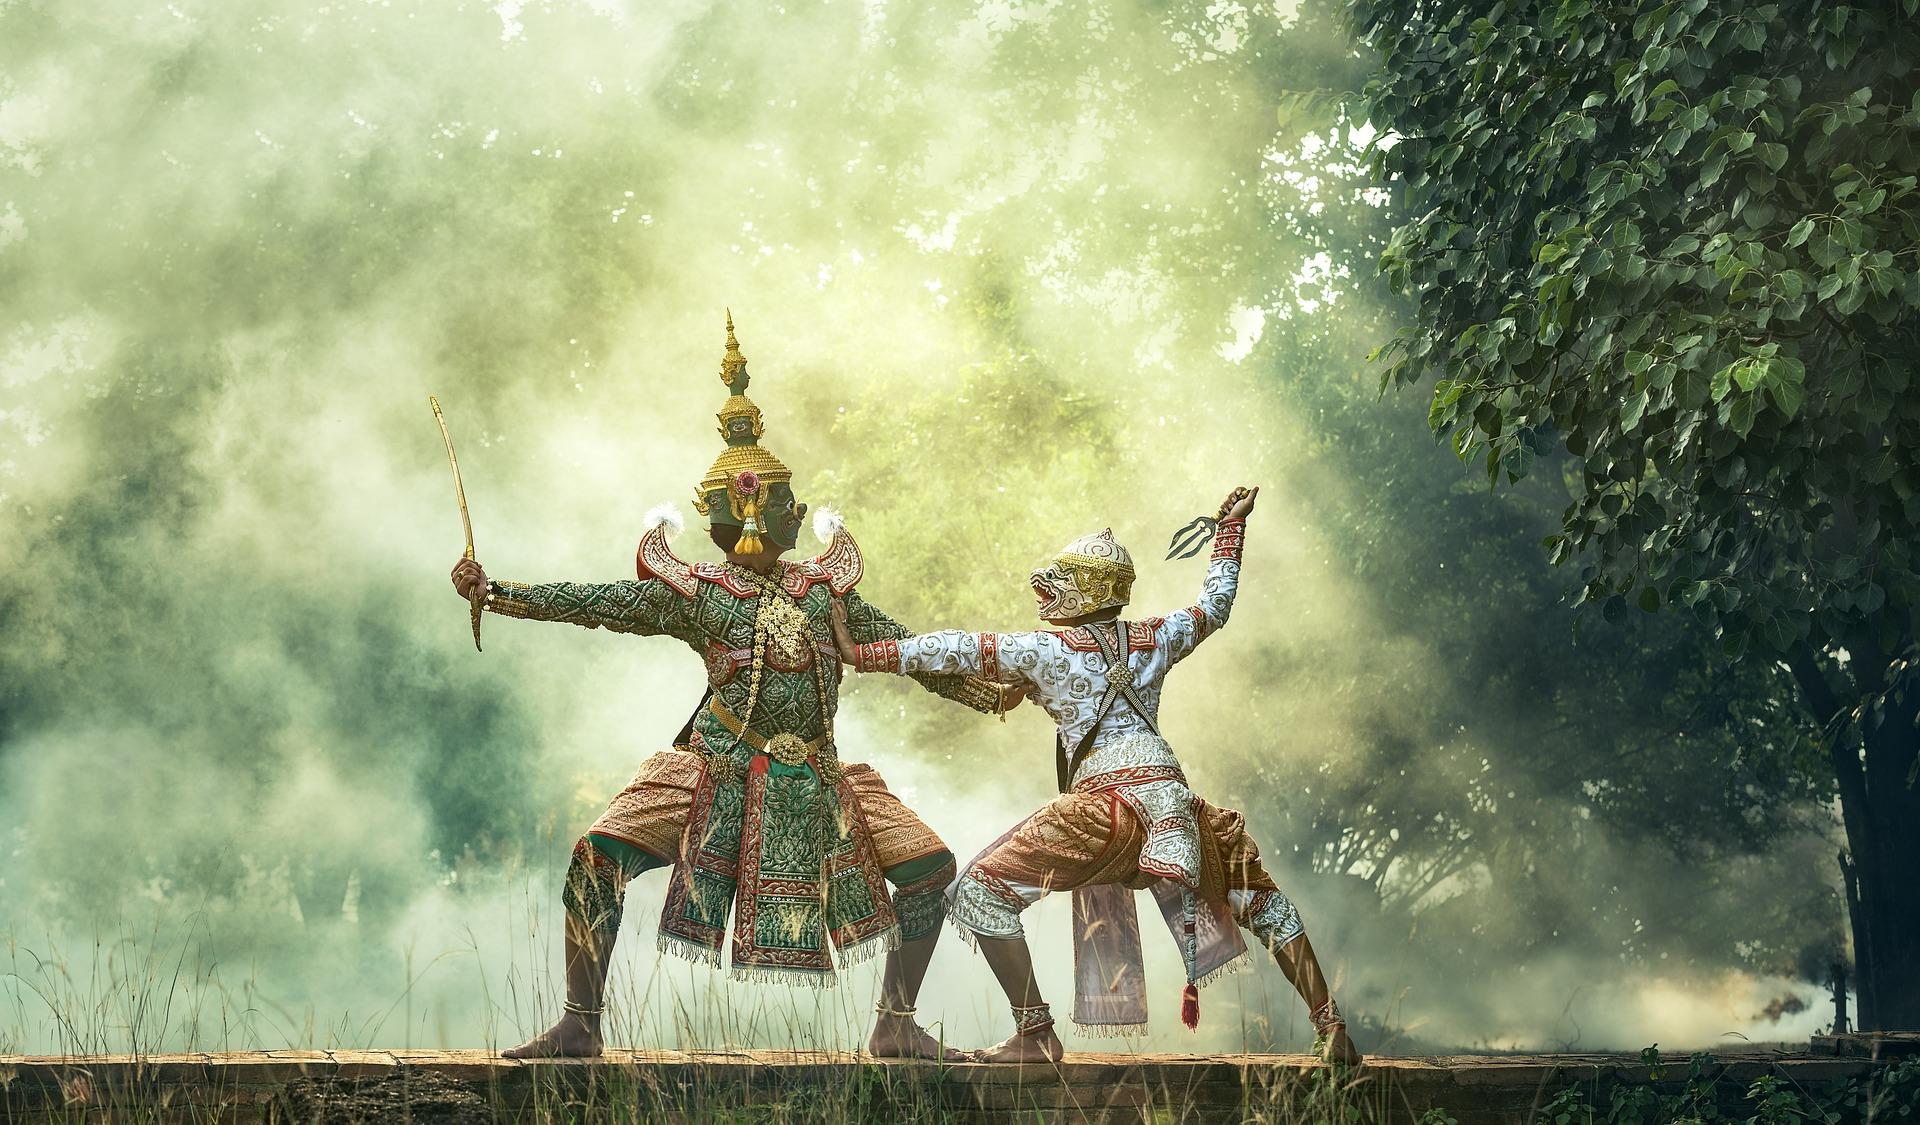 Thailand individuelle Reise buchen, Thailand experte Andreas Alberti in Oberhausen